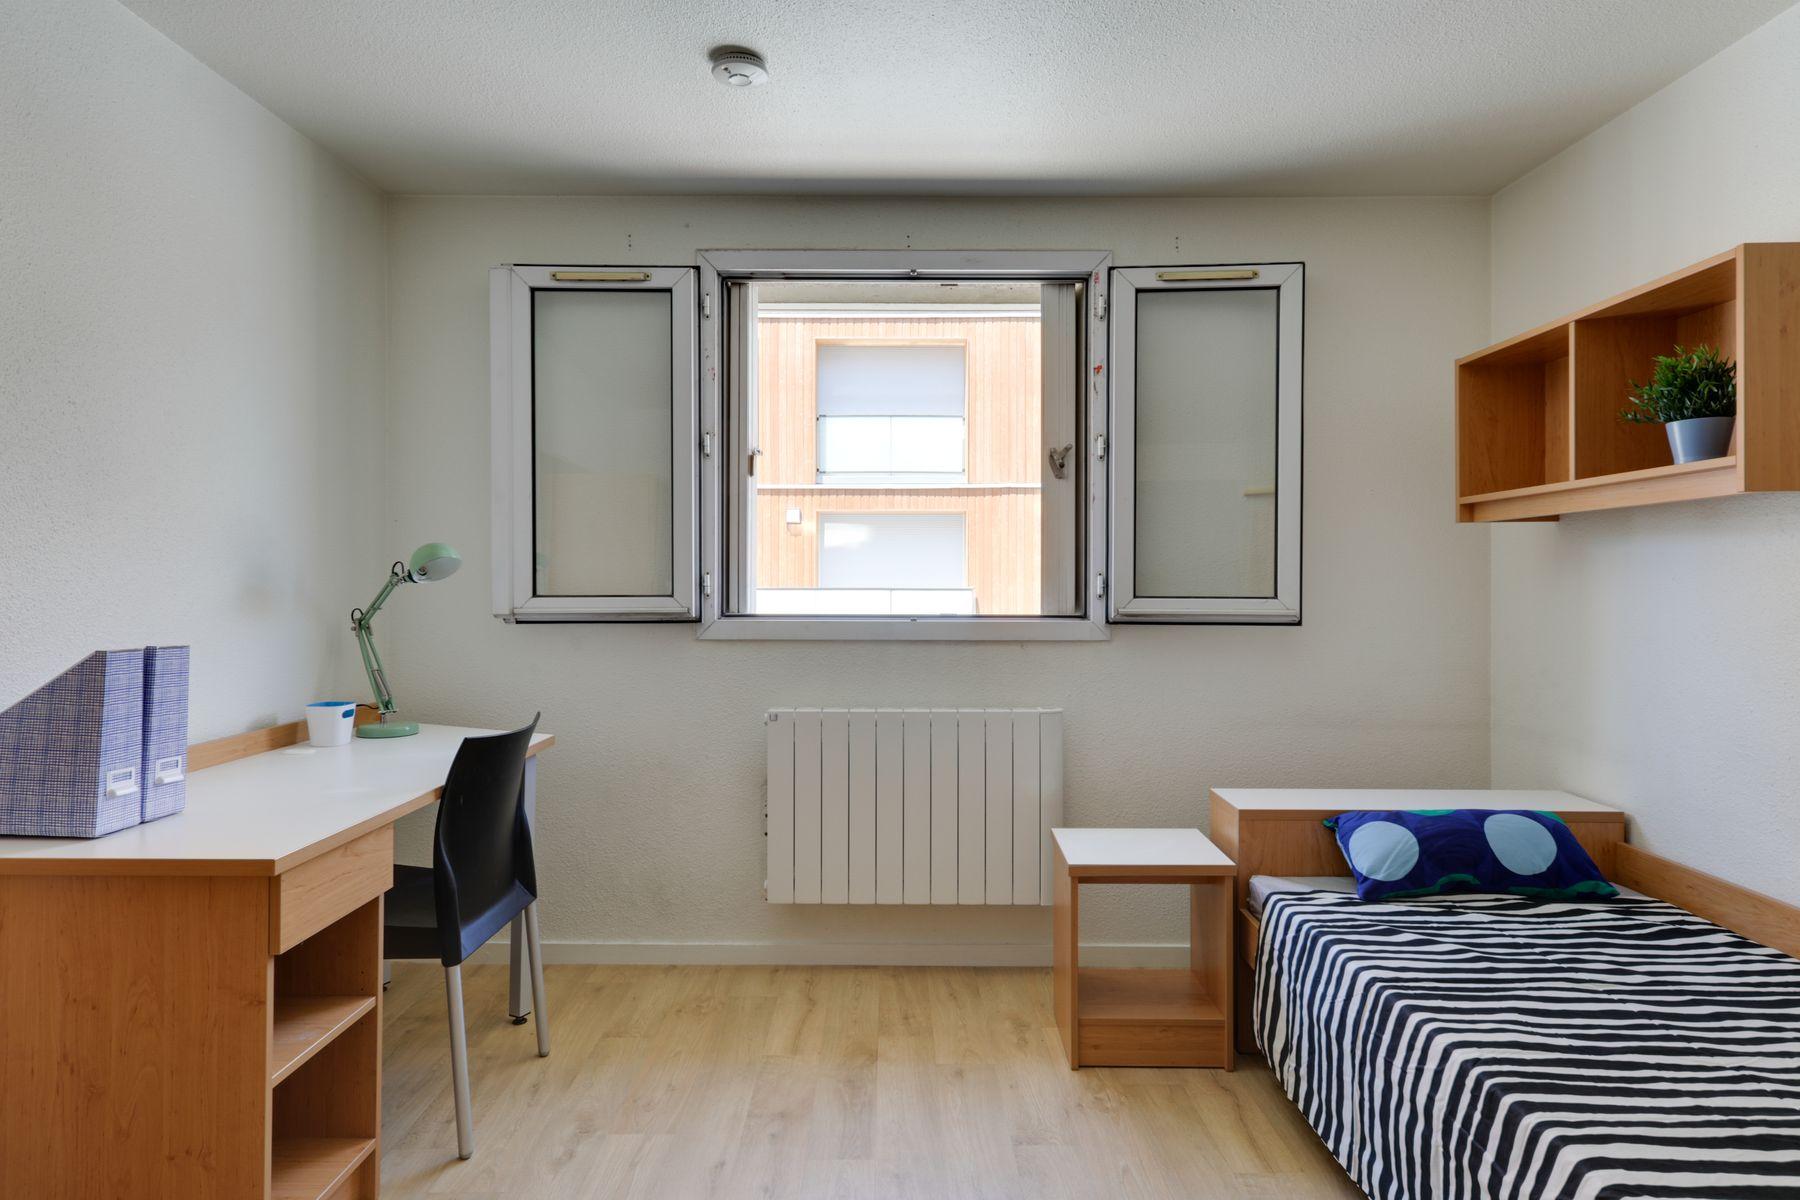 LOGIFAC résidence étudiante Anthoard Grenoble logement équipé